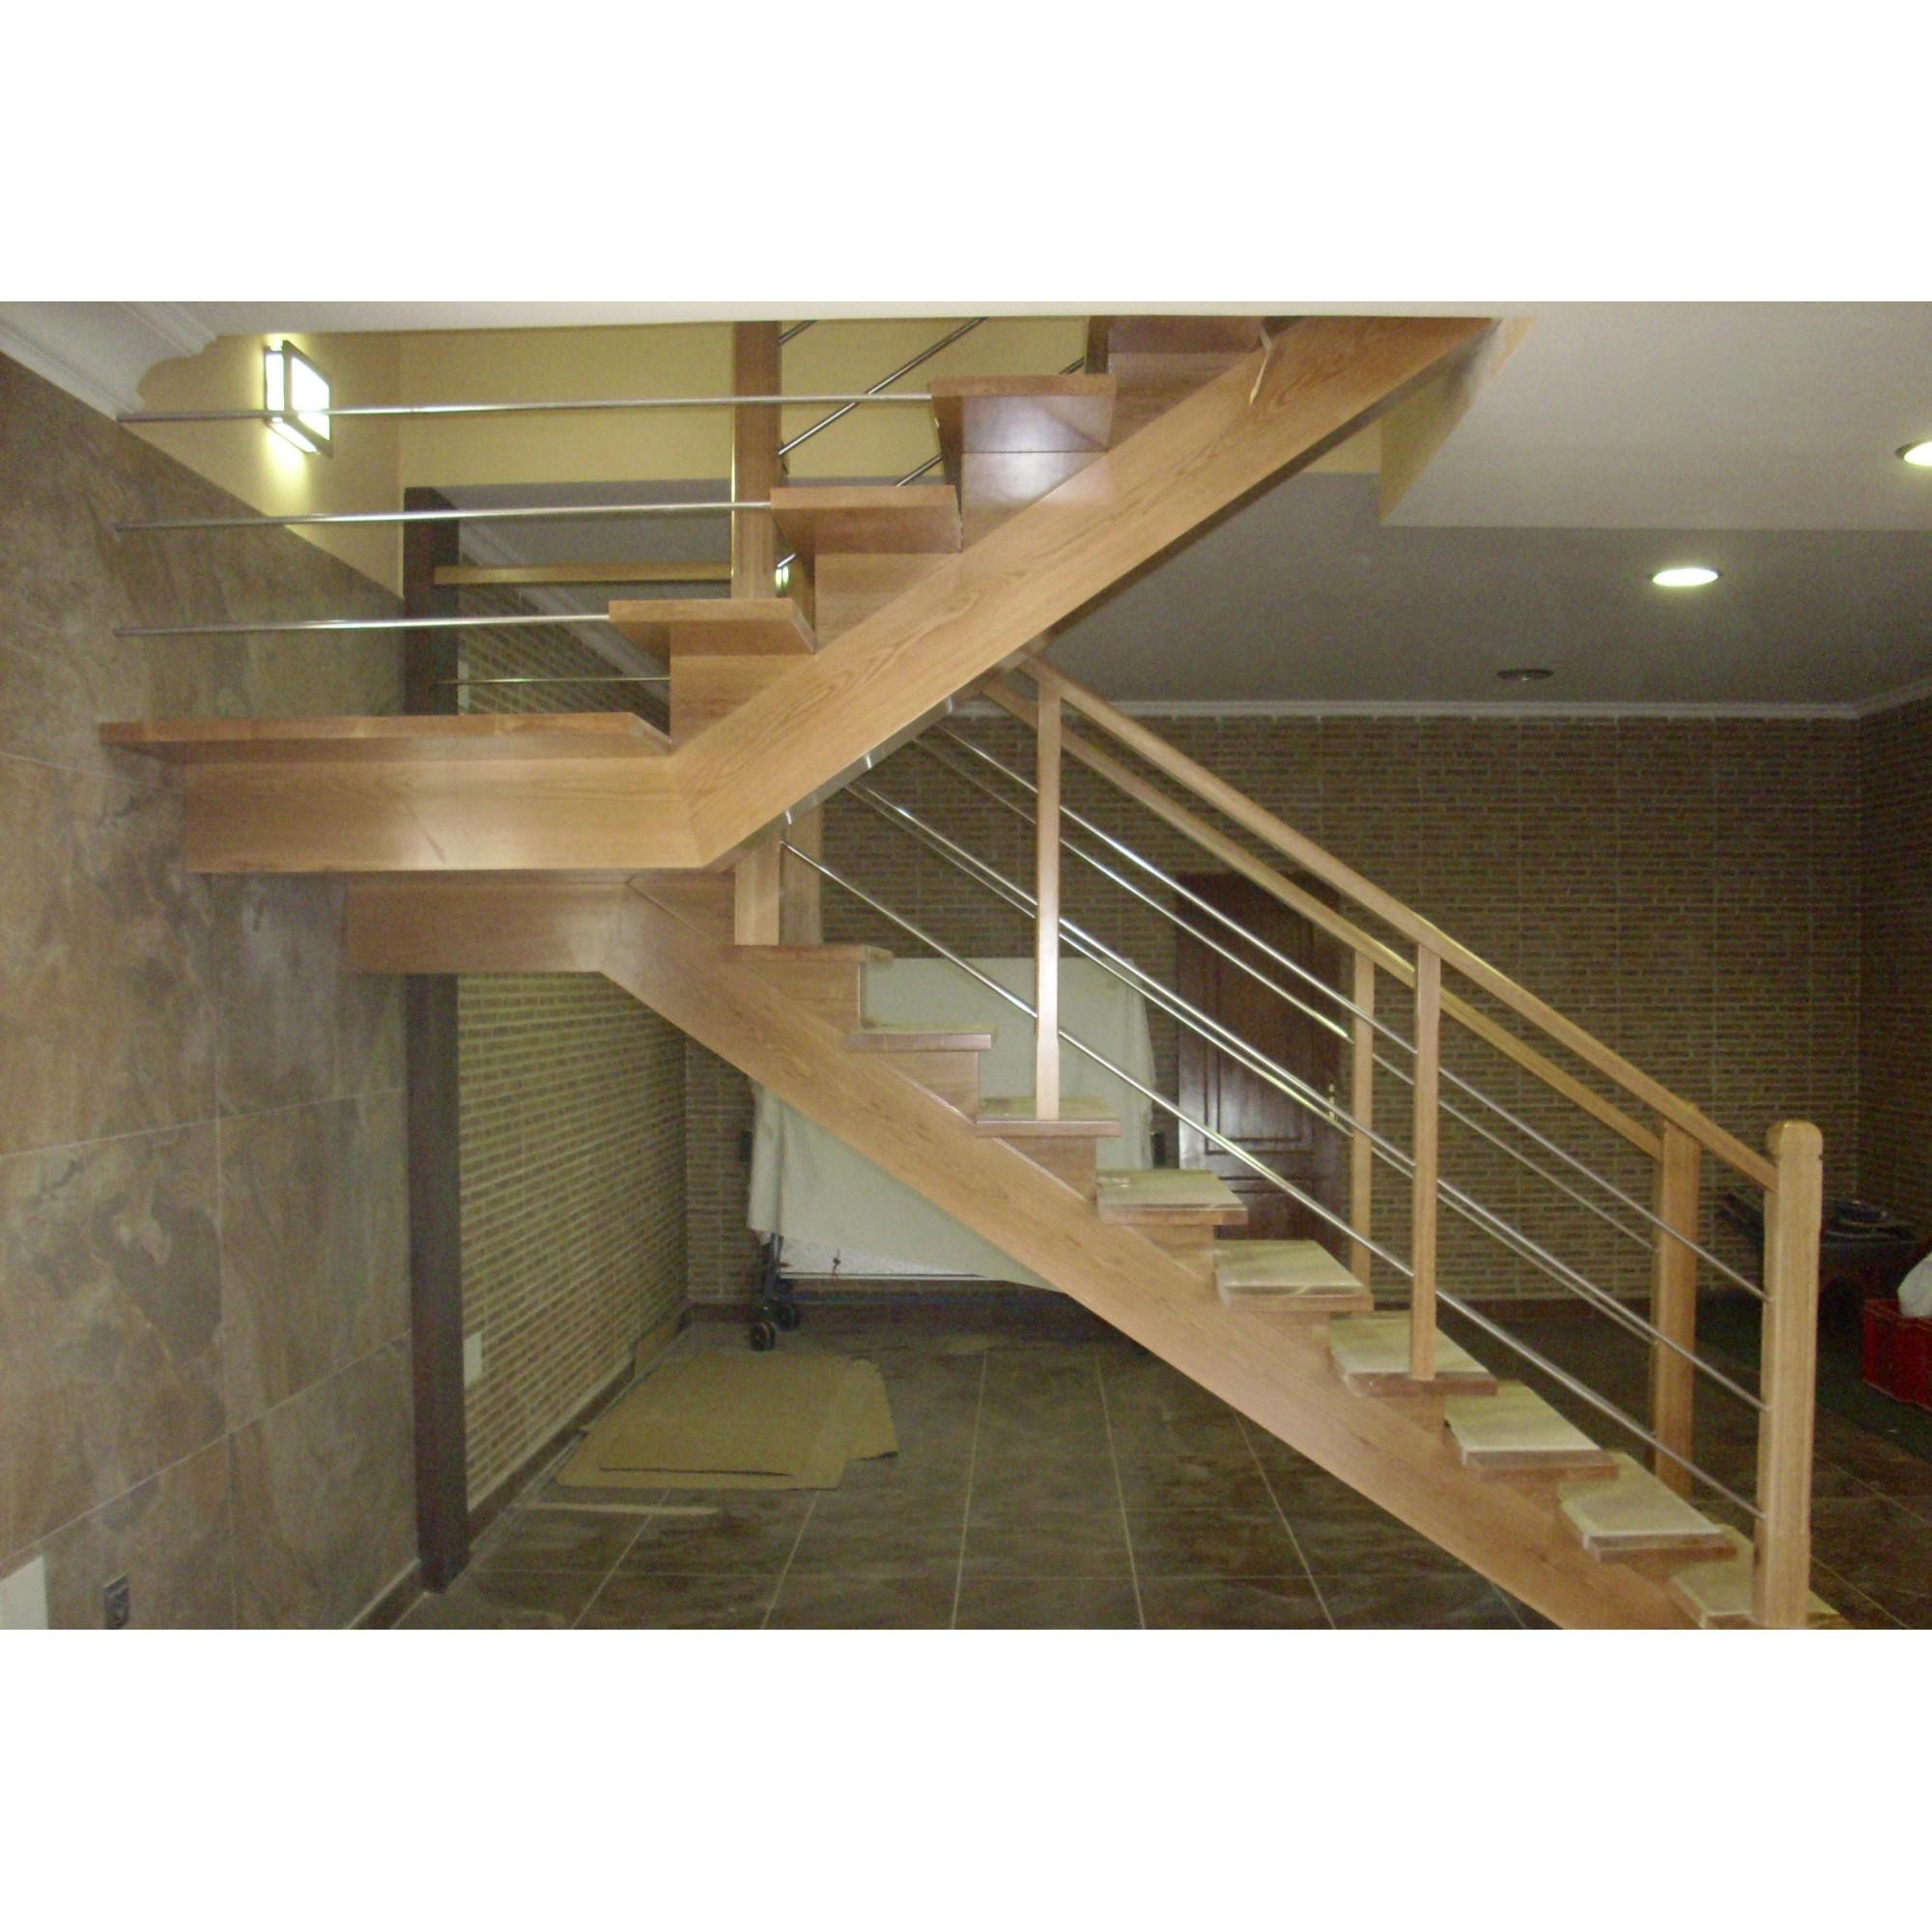 Escalera madera interior a medida combinada - Escaleras de madera interior ...